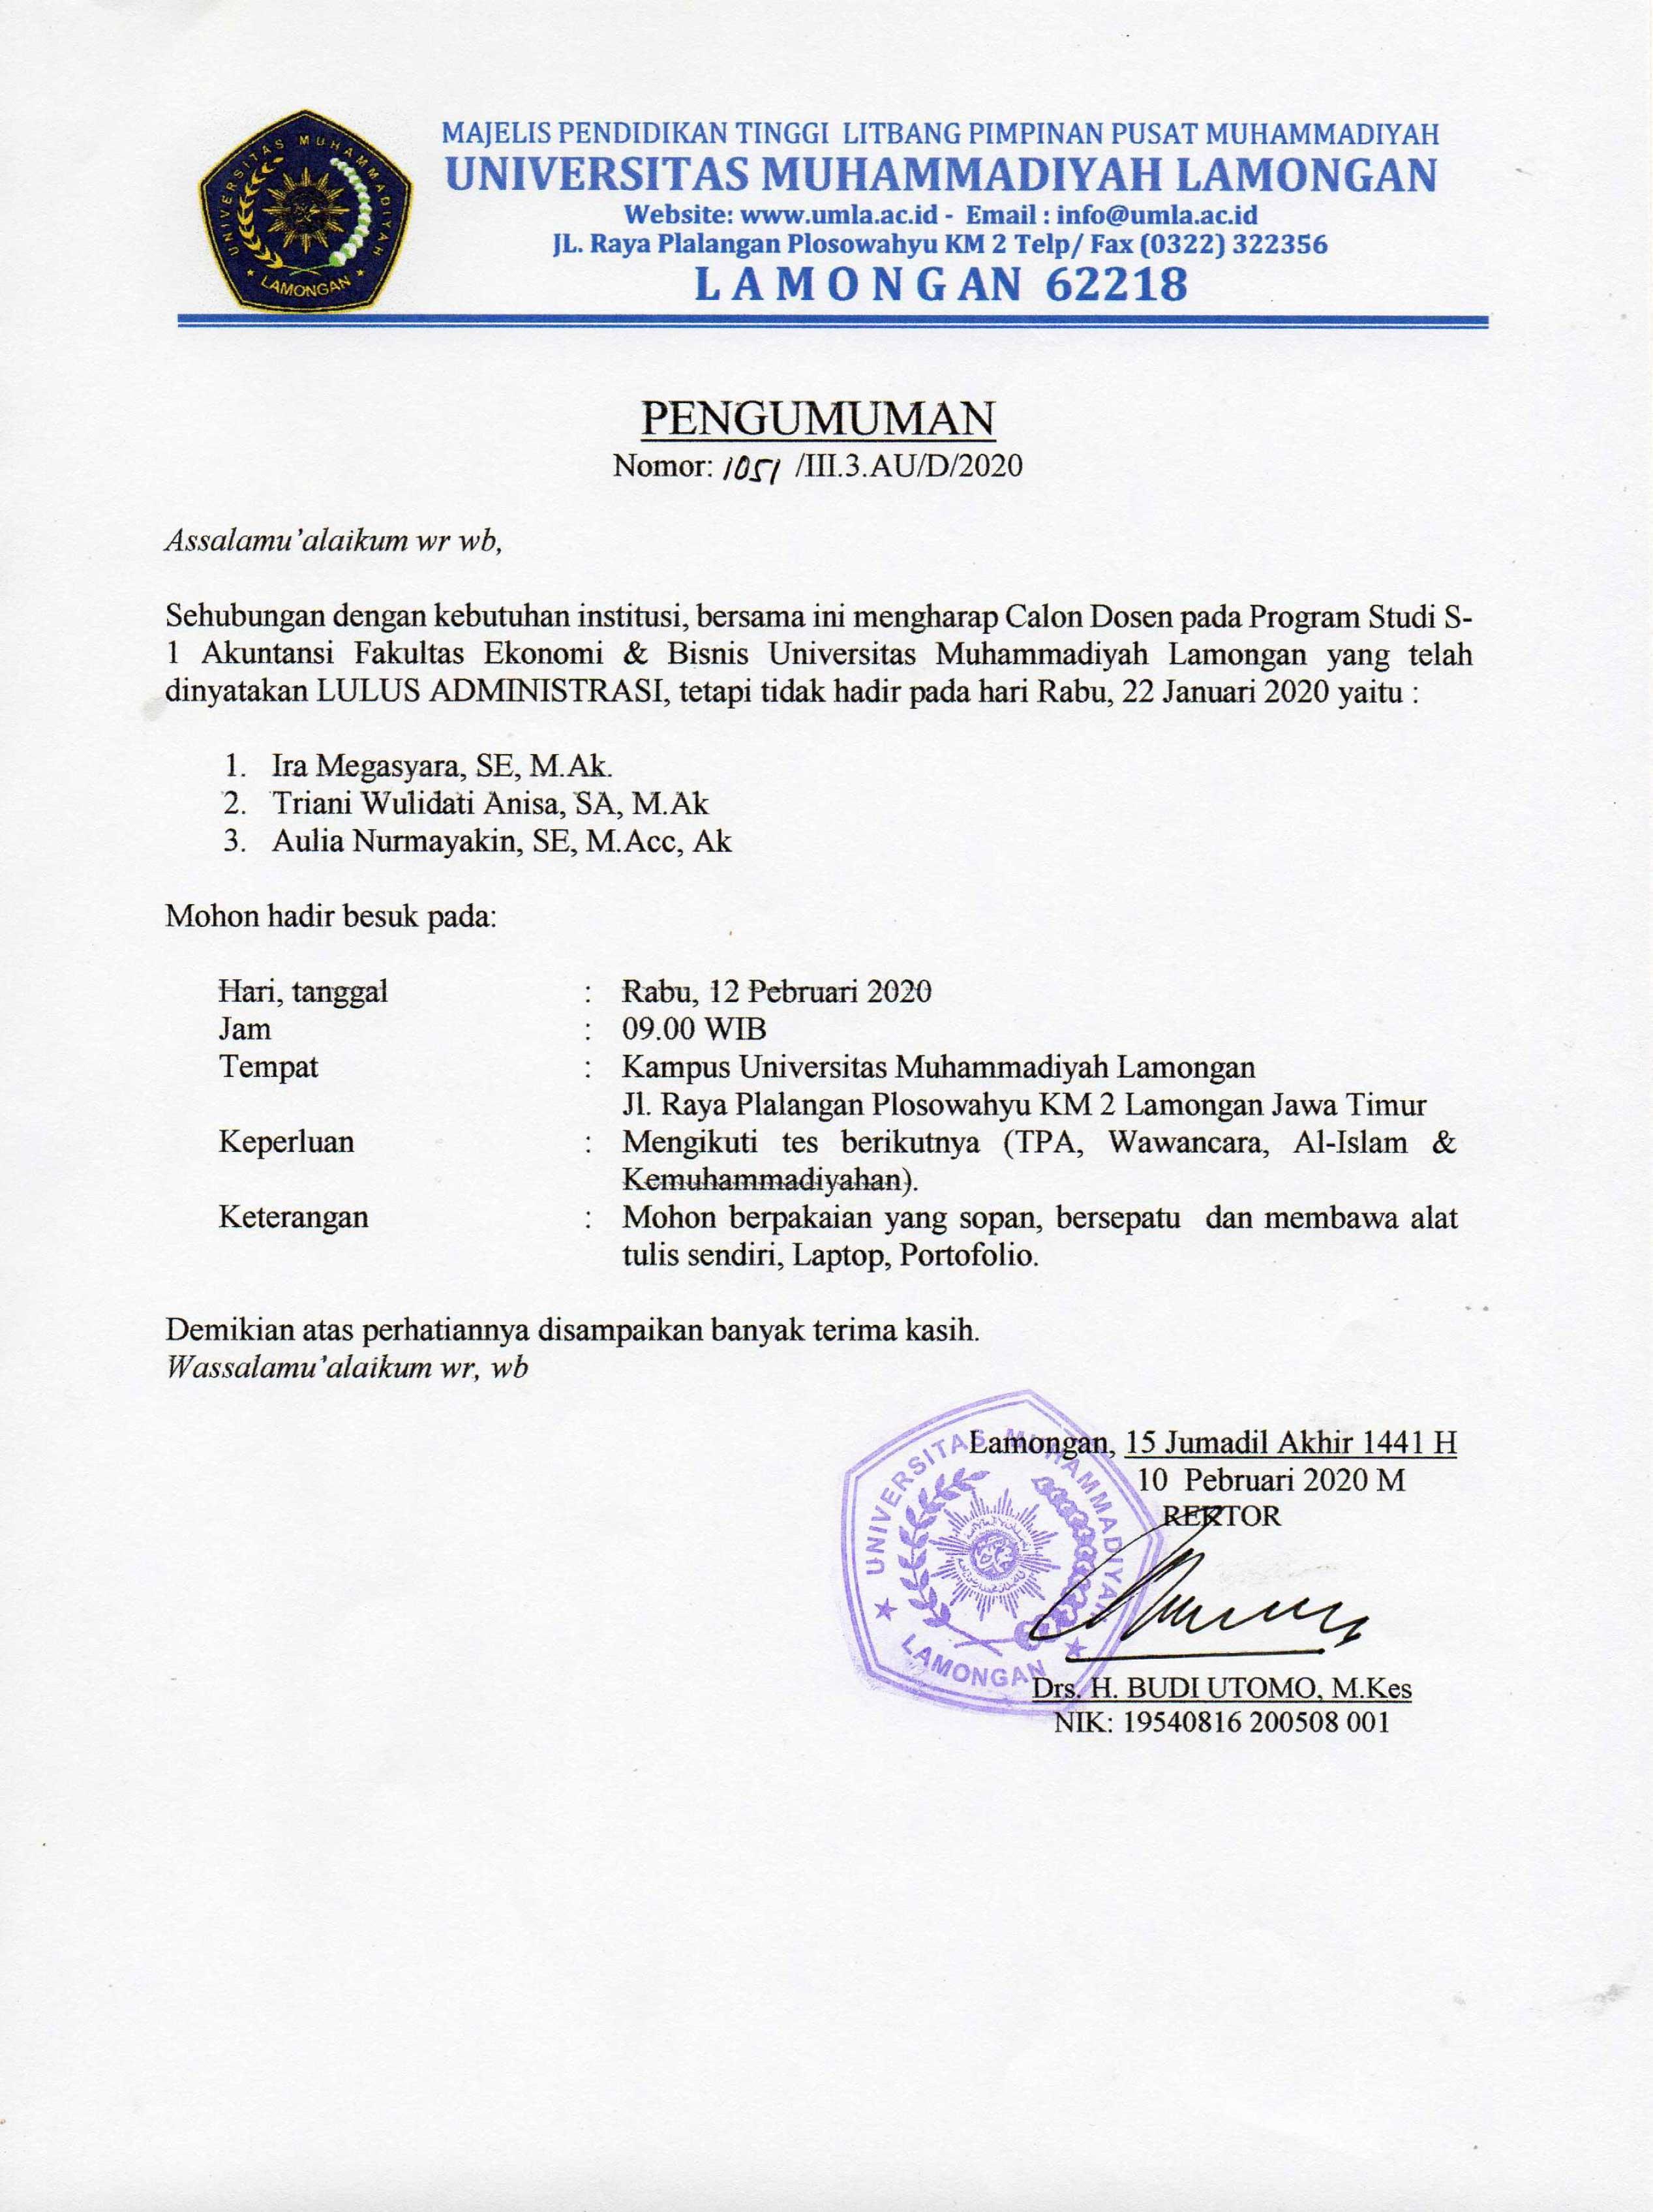 Pengumuman  Calon Dosen Program Studi S1 Akuntansi